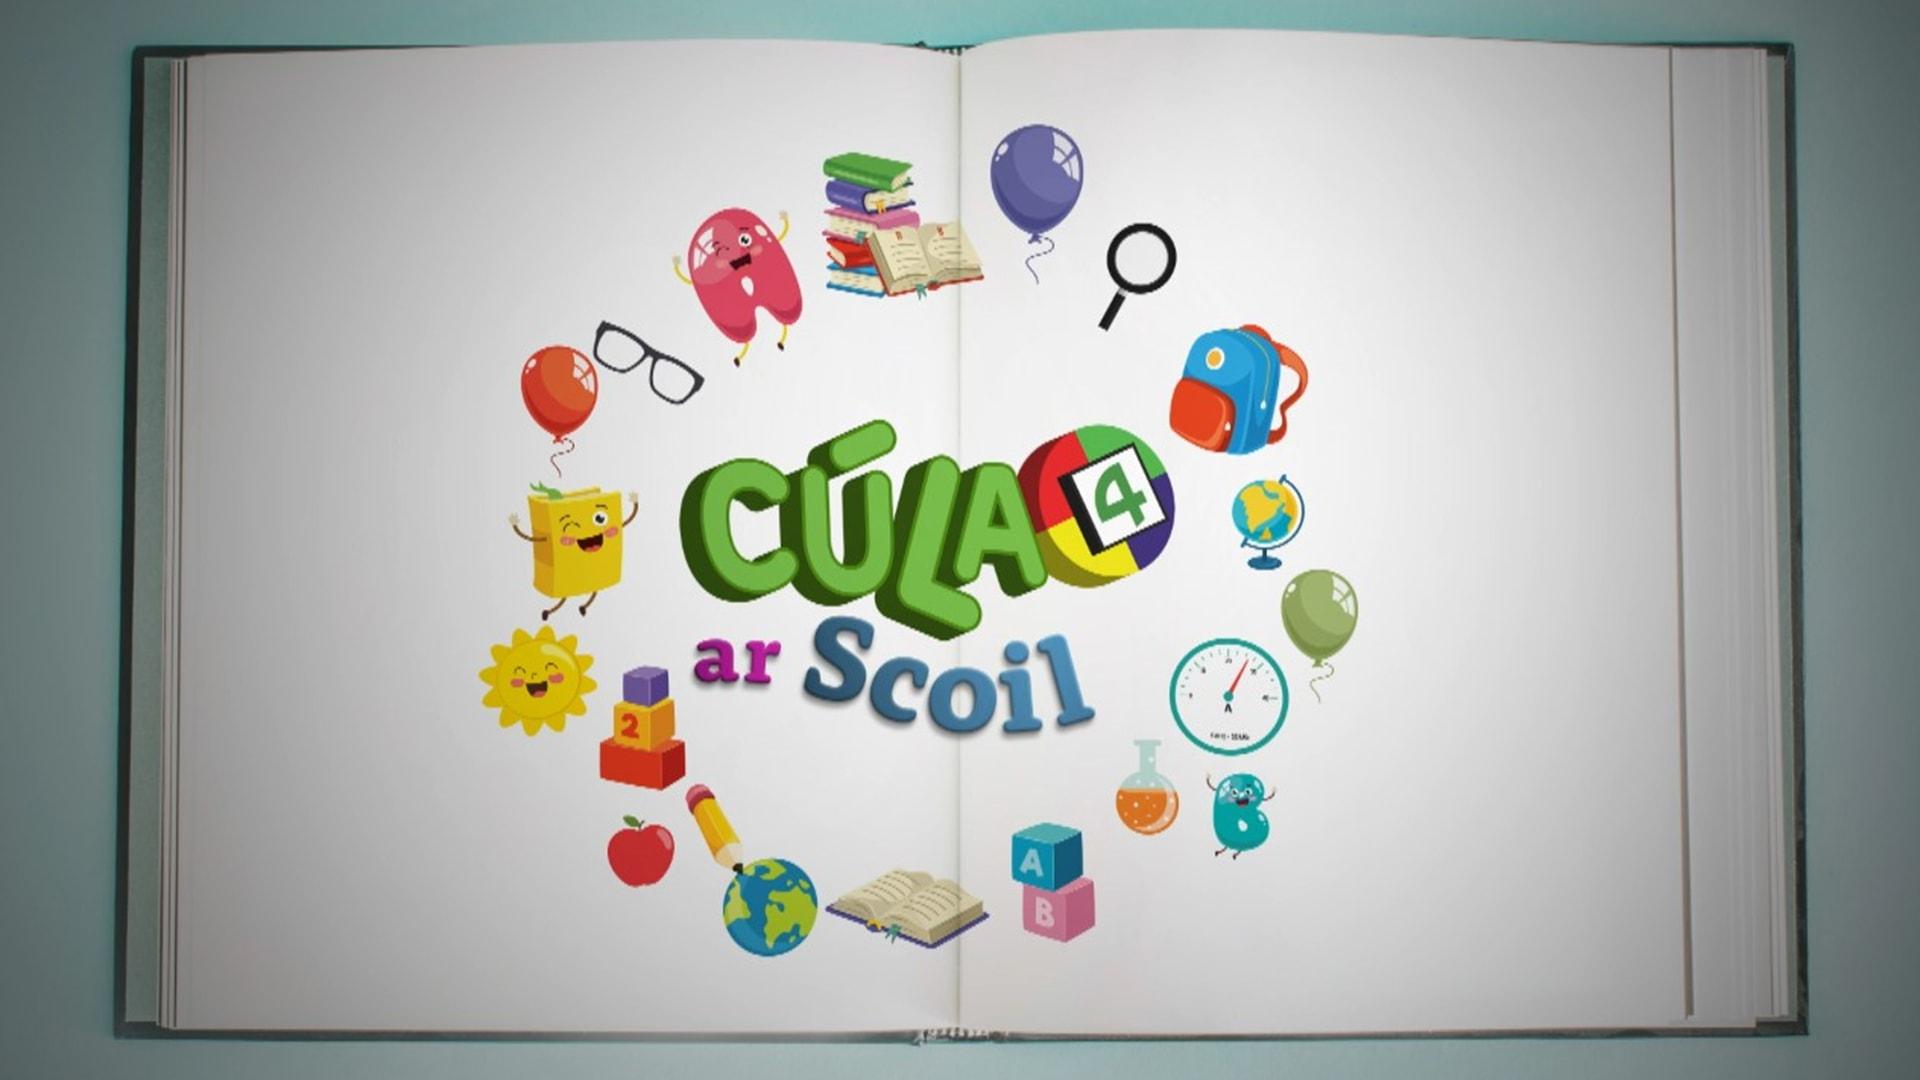 Cúla4 ar Scoil - An Nollaig - Clár 4 | Player | Cúla4 | Súil Eile